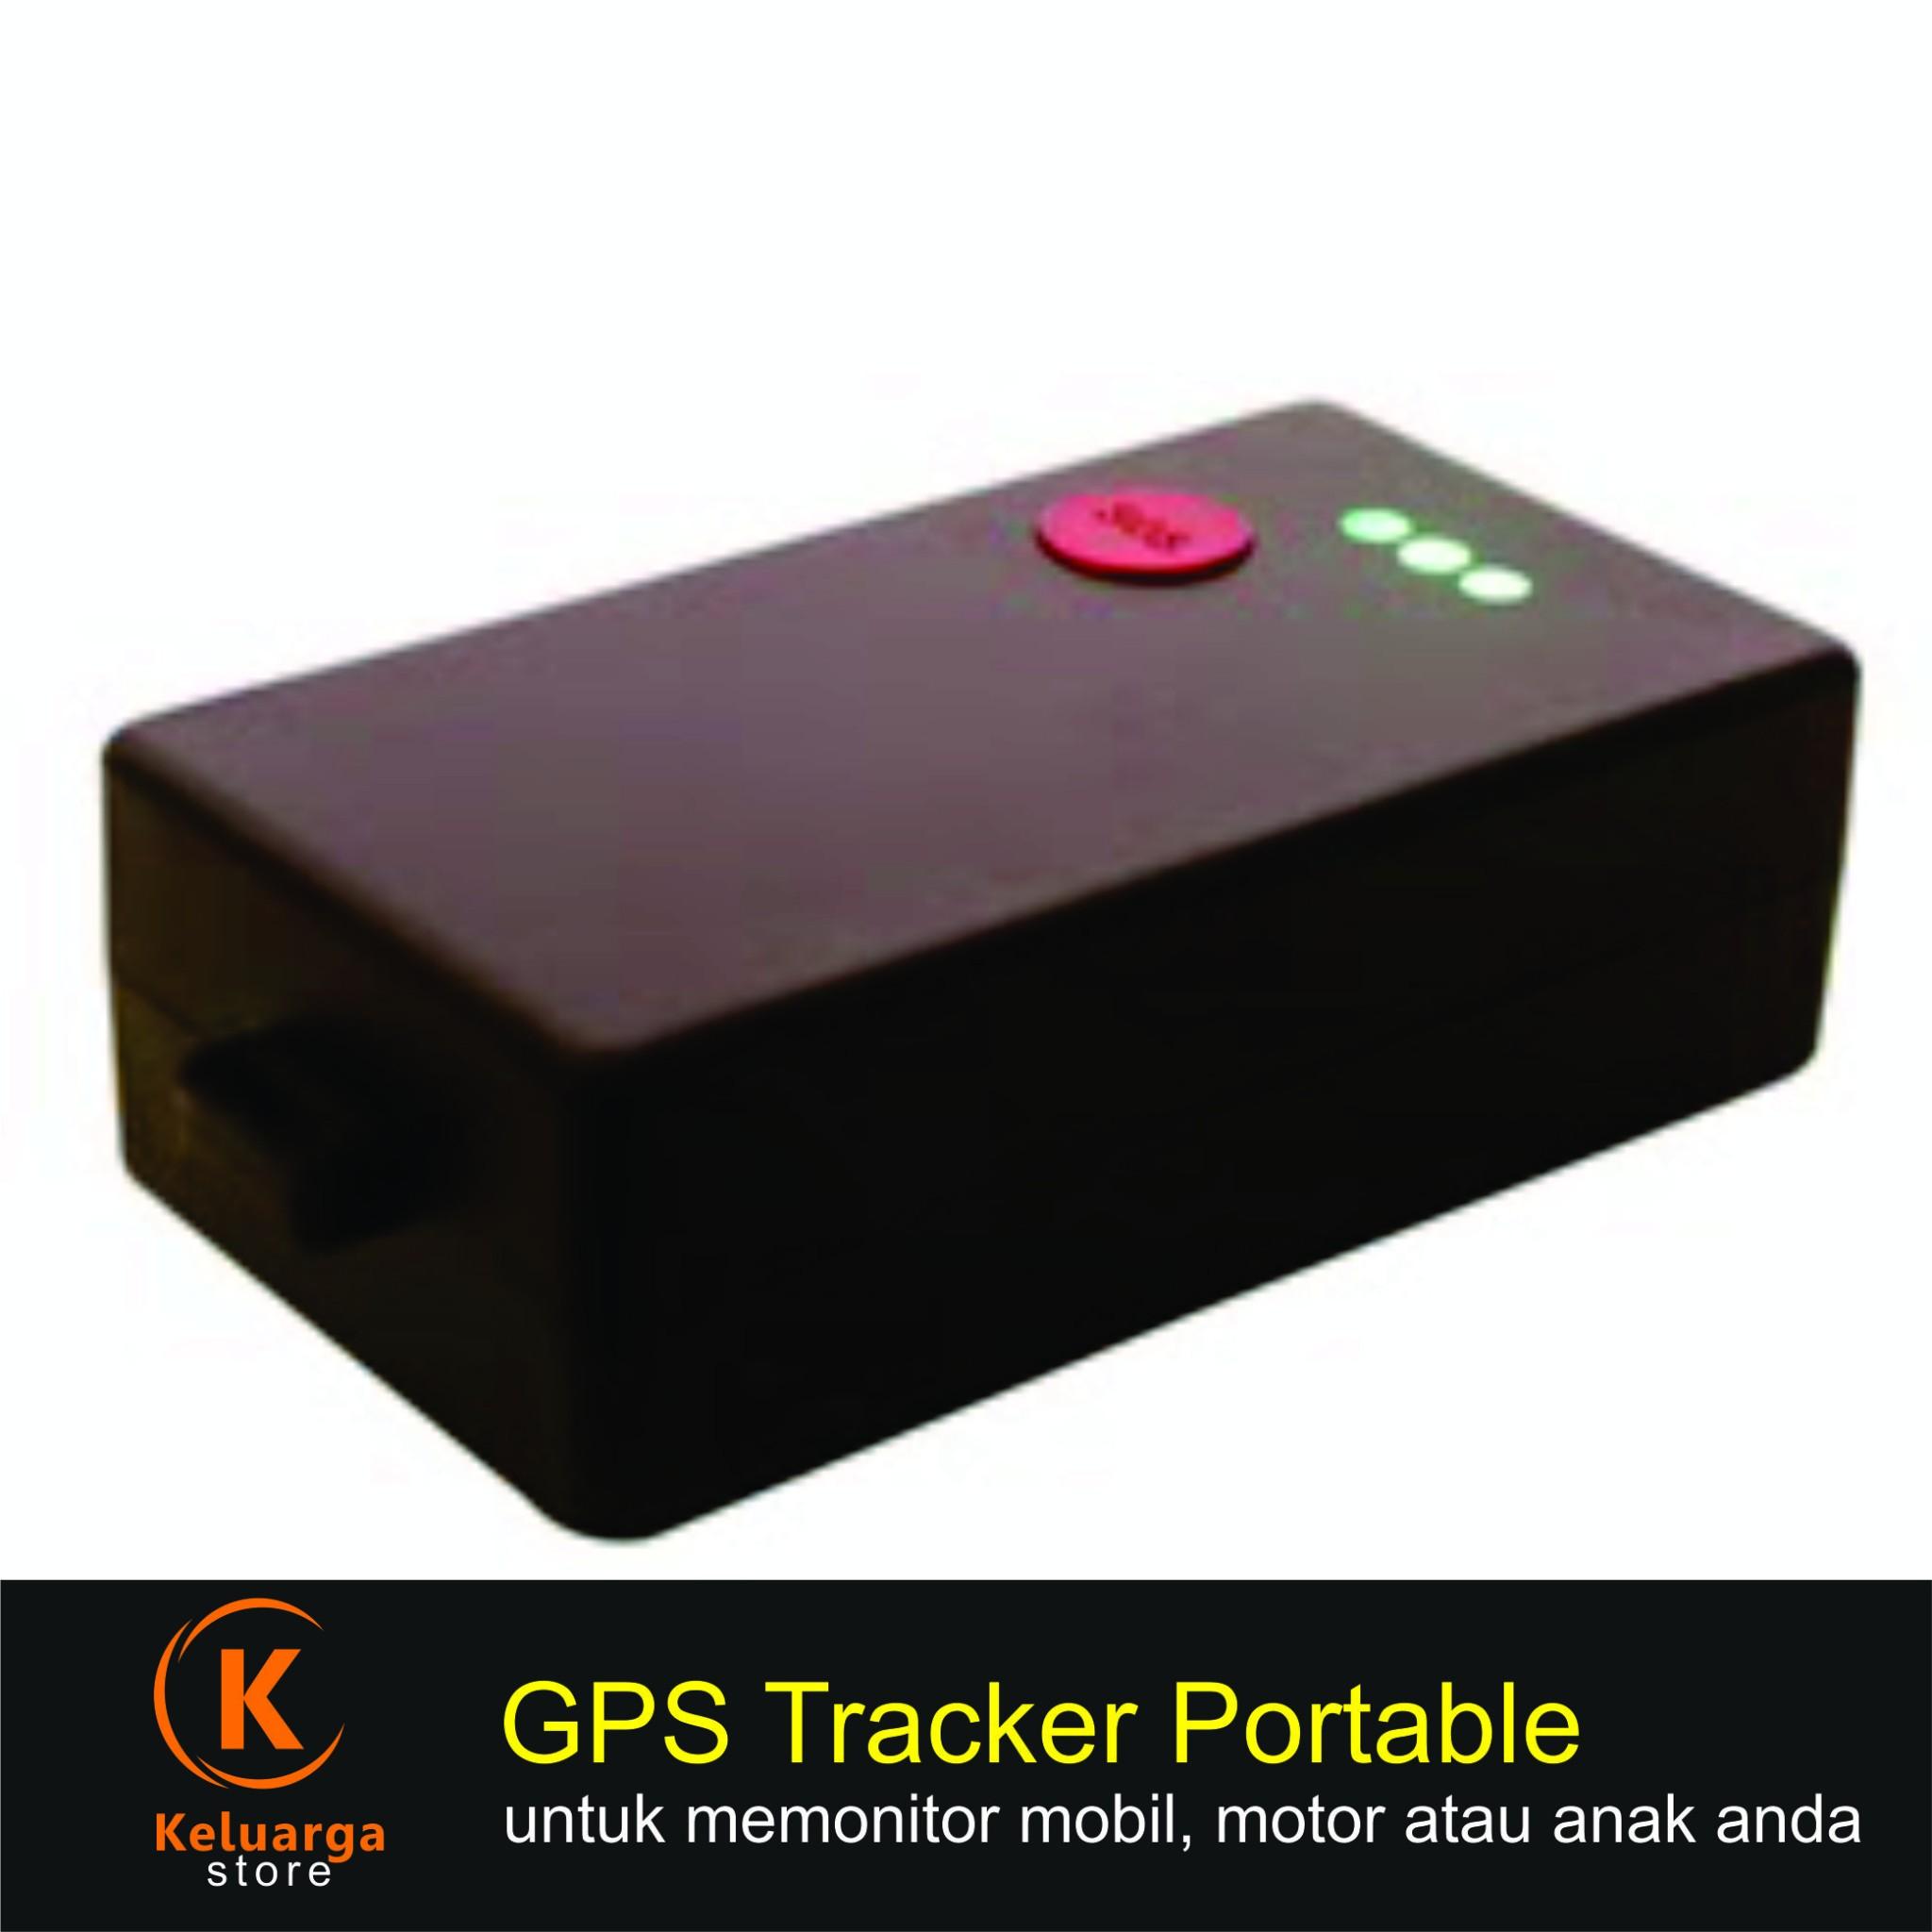 GPS Tracker Portabel bisa utk mobil, motor dan anak